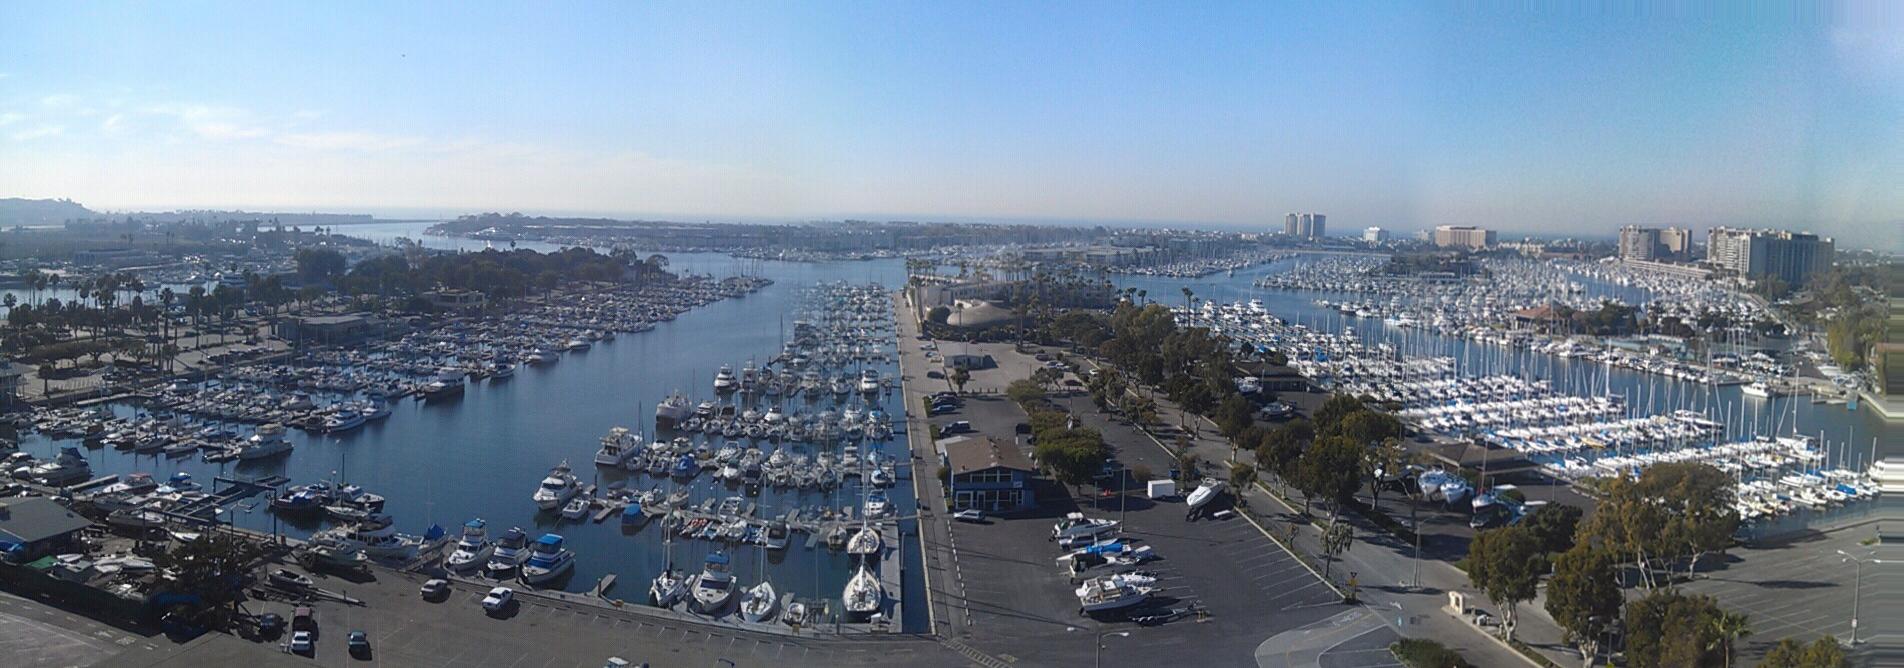 Marina del Rey, California (CA 90292) Población perfil, mapas, bienes raíces, las medias, las casas, (la ciudad más cercana con, Santa Mónica millas)